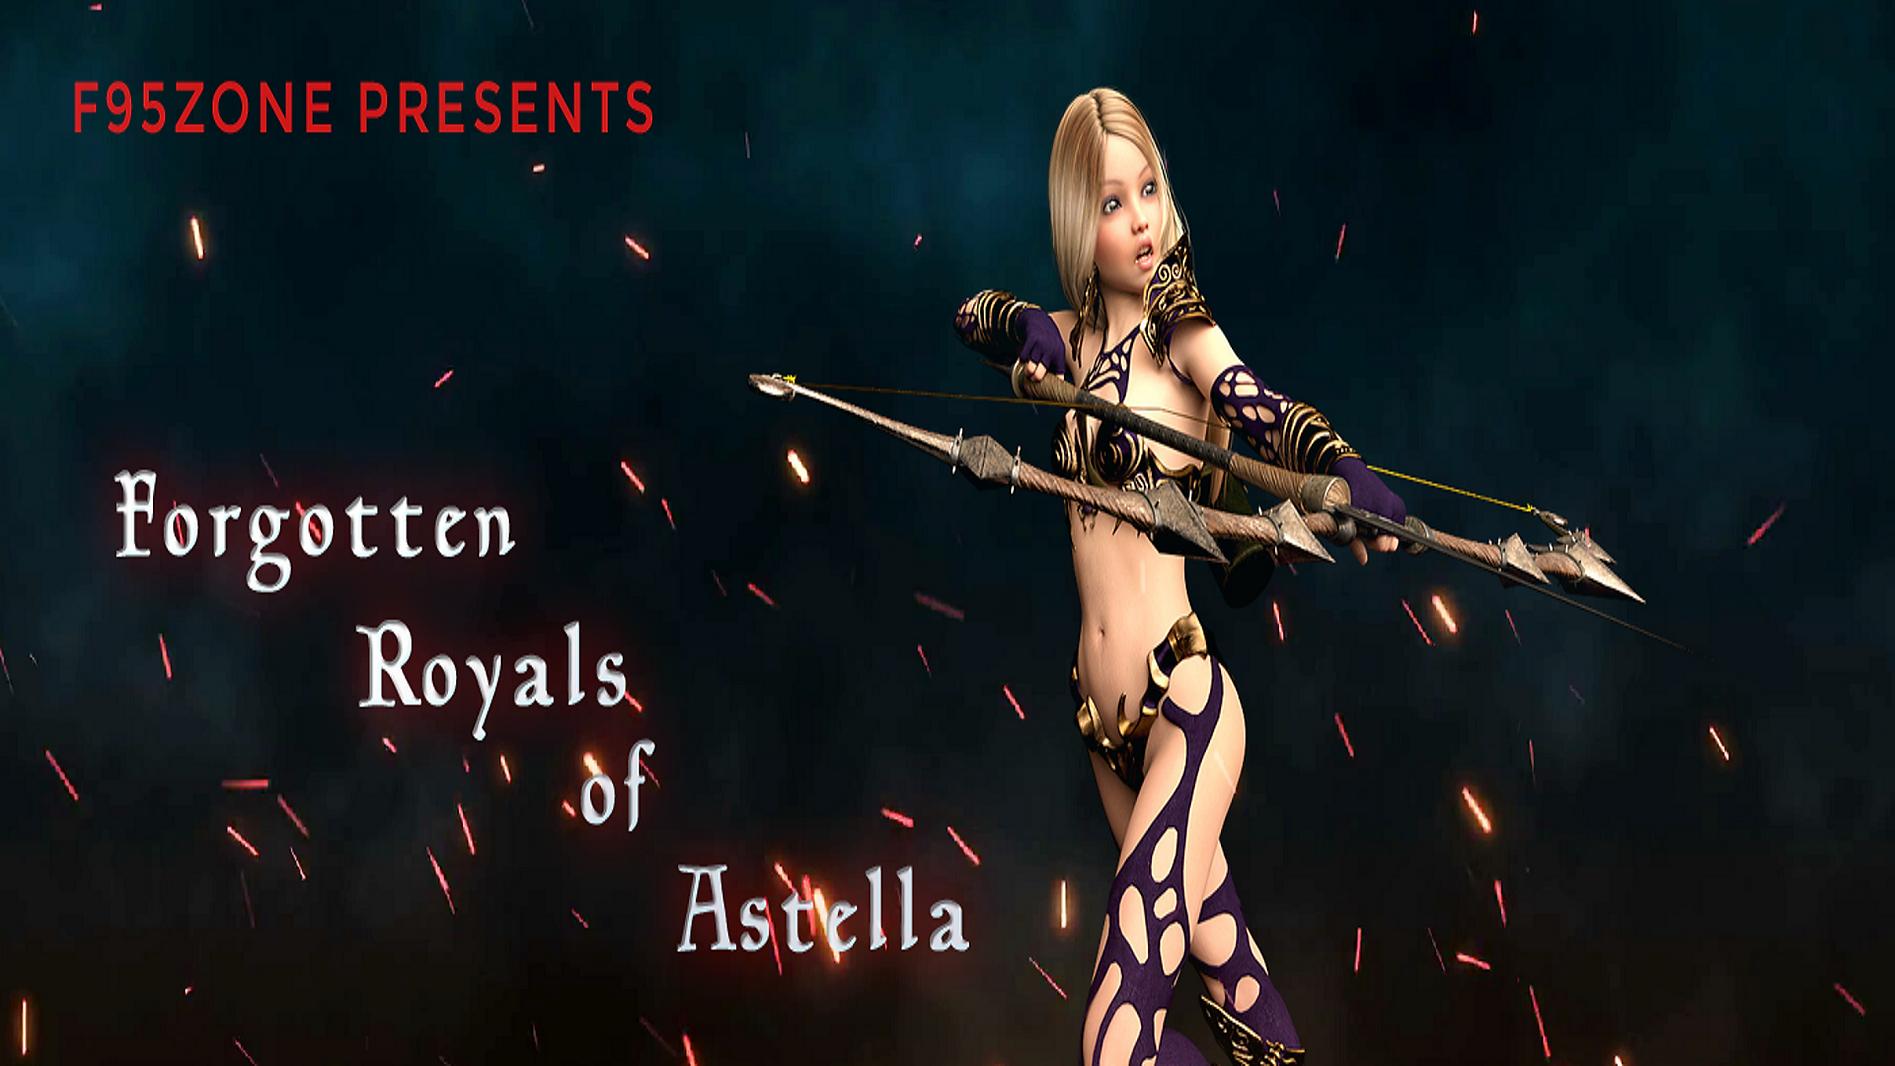 Forgotten Royals of Astella Main - Haru'